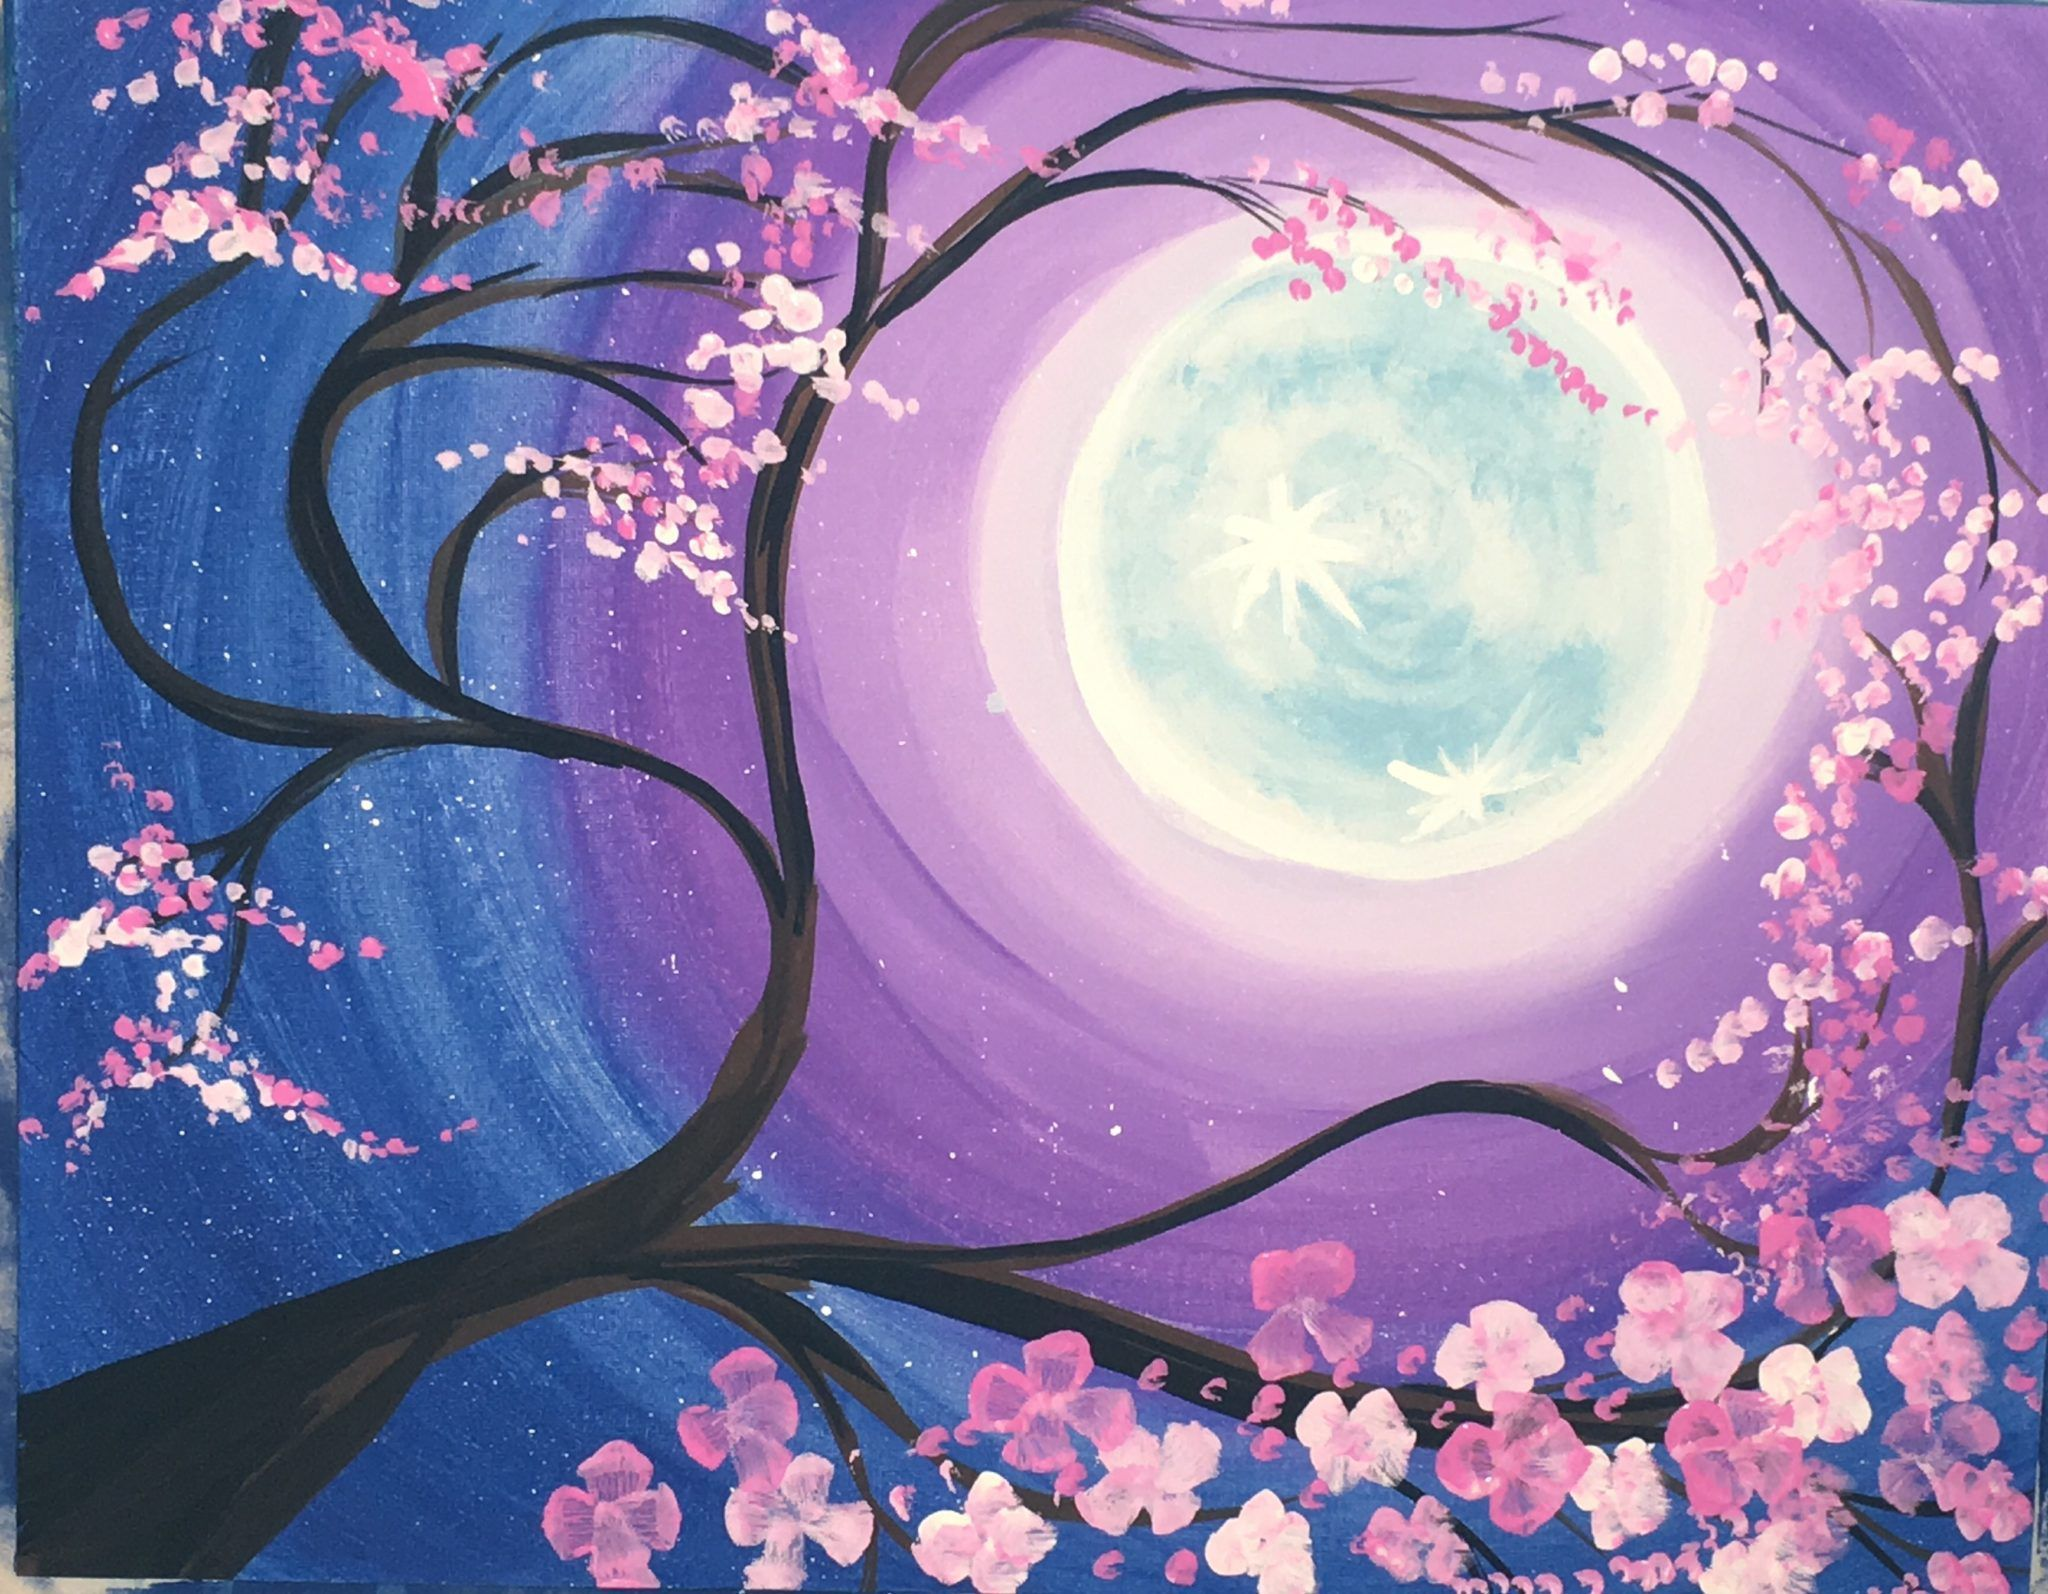 How To Paint A Cherry Blossom Tree Sakura Means Cherry Blossom In Japanese The Tree Symb Cherry Blossom Painting Acrylic Cherry Blossom Painting Tree Painting